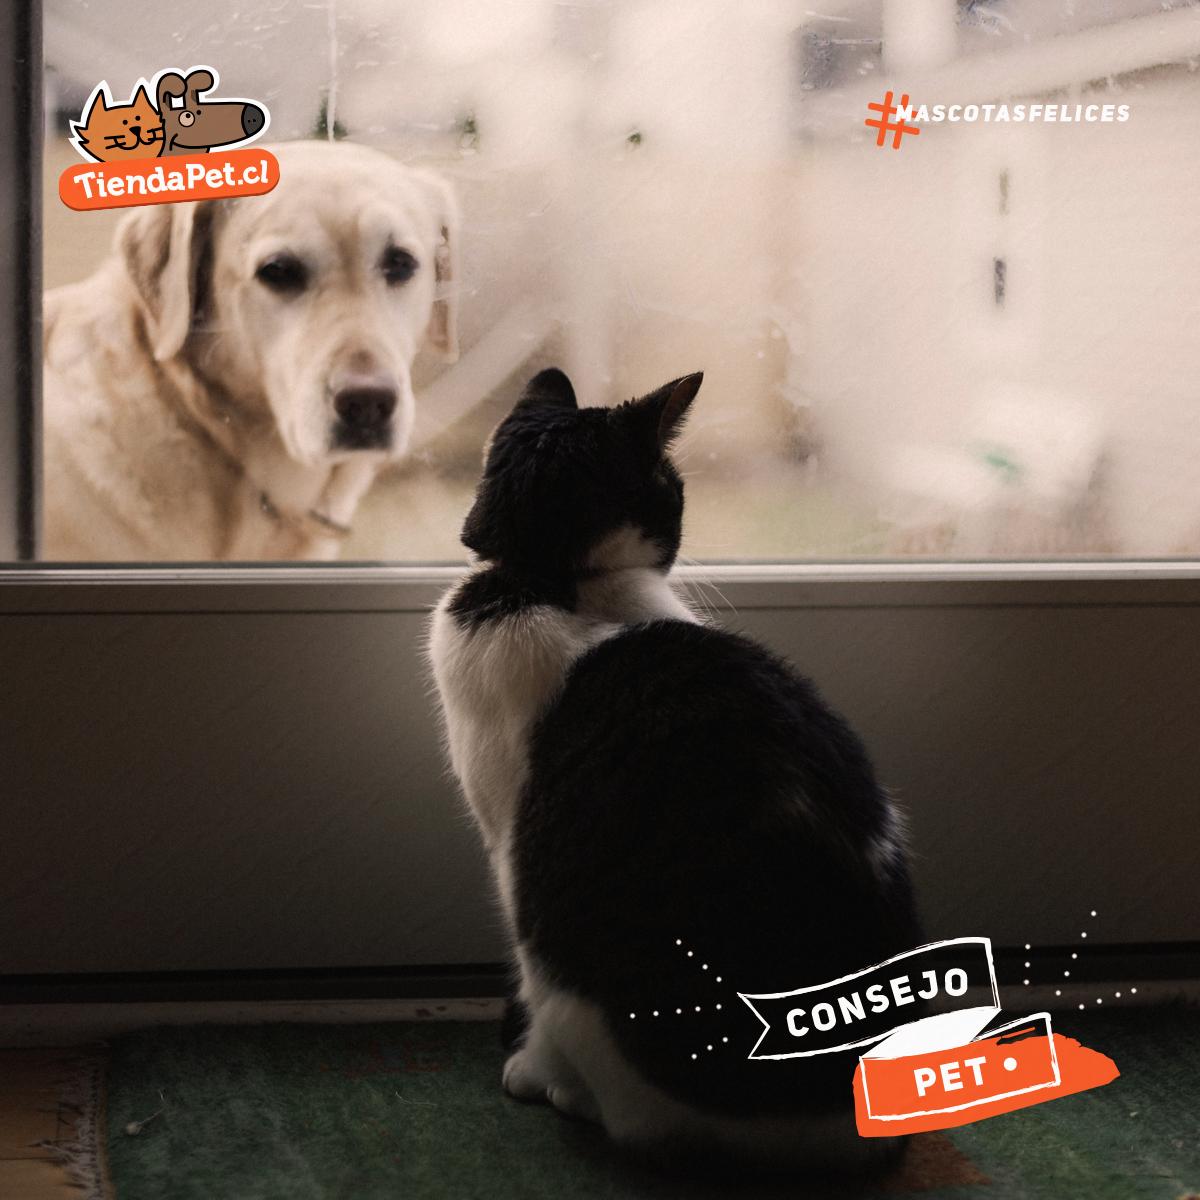 Convivencia de perros y gatos: Tips para una buena relación